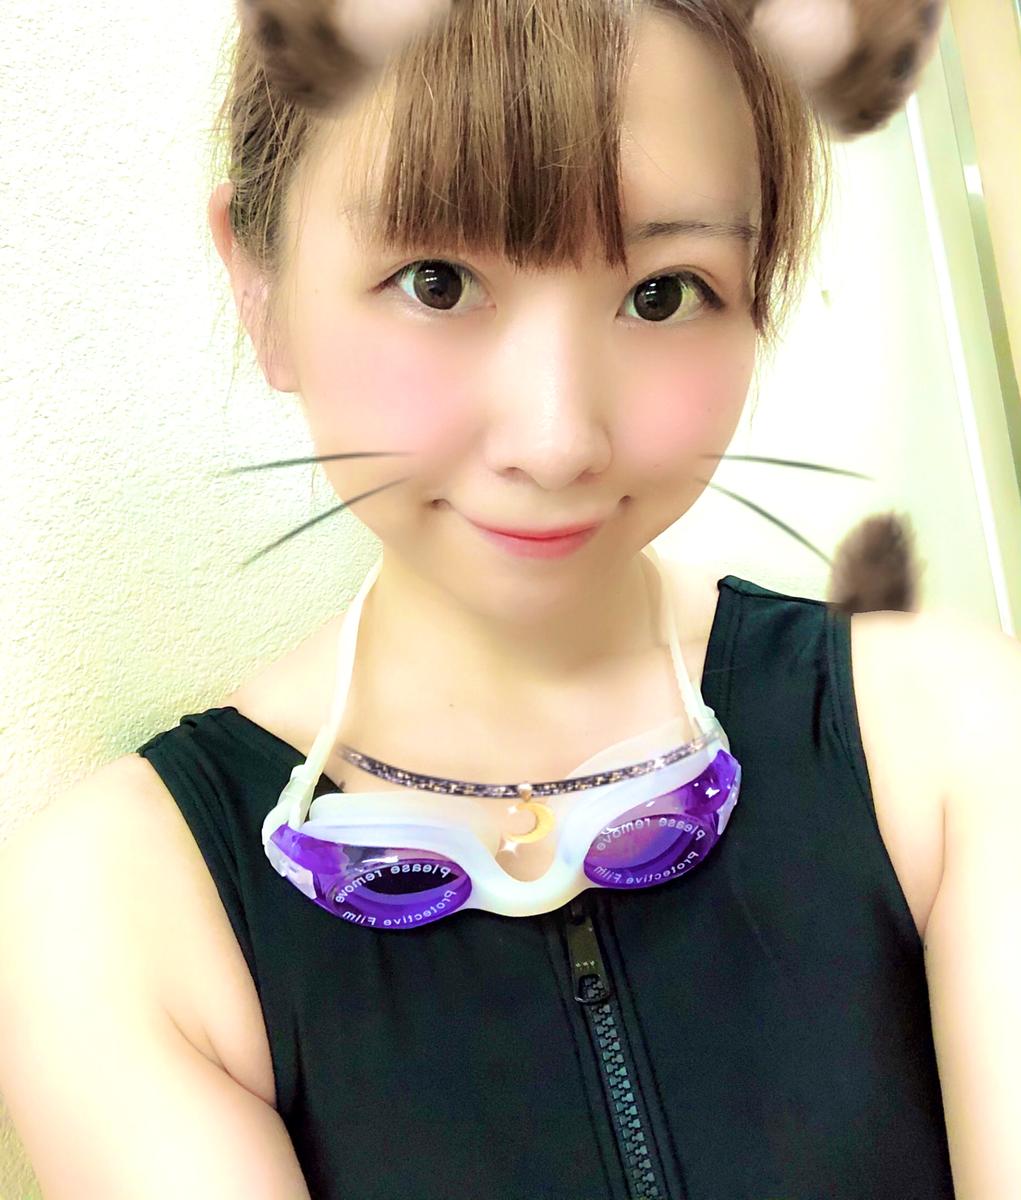 f:id:yukanyohu:20190808233215p:plain